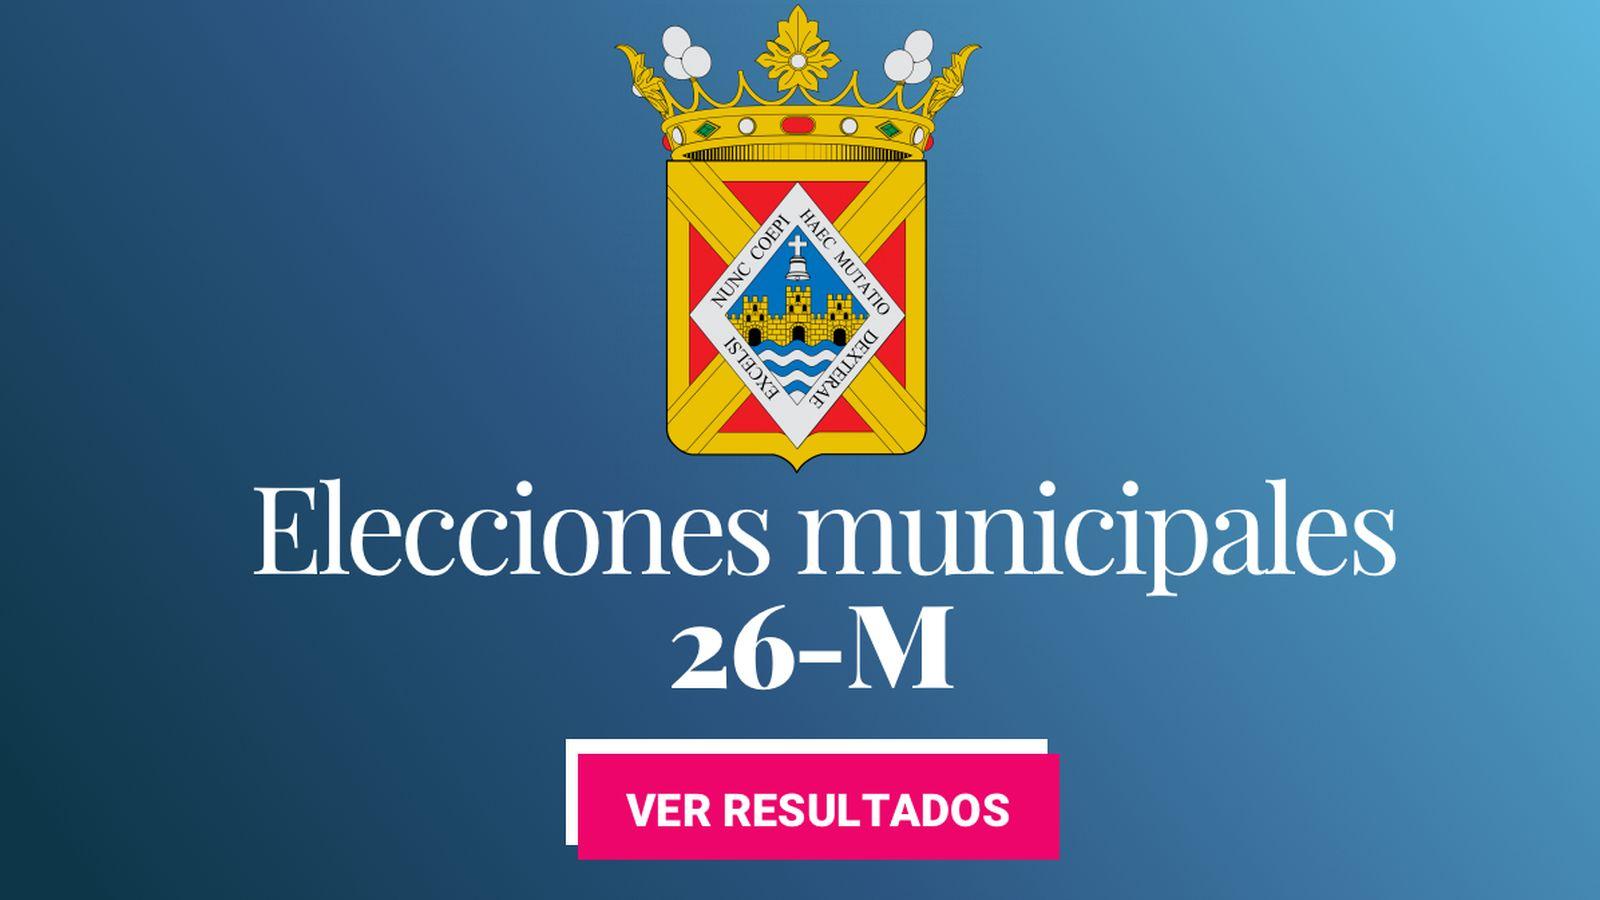 Foto: Elecciones municipales 2019 en Linares. (C.C./EC)